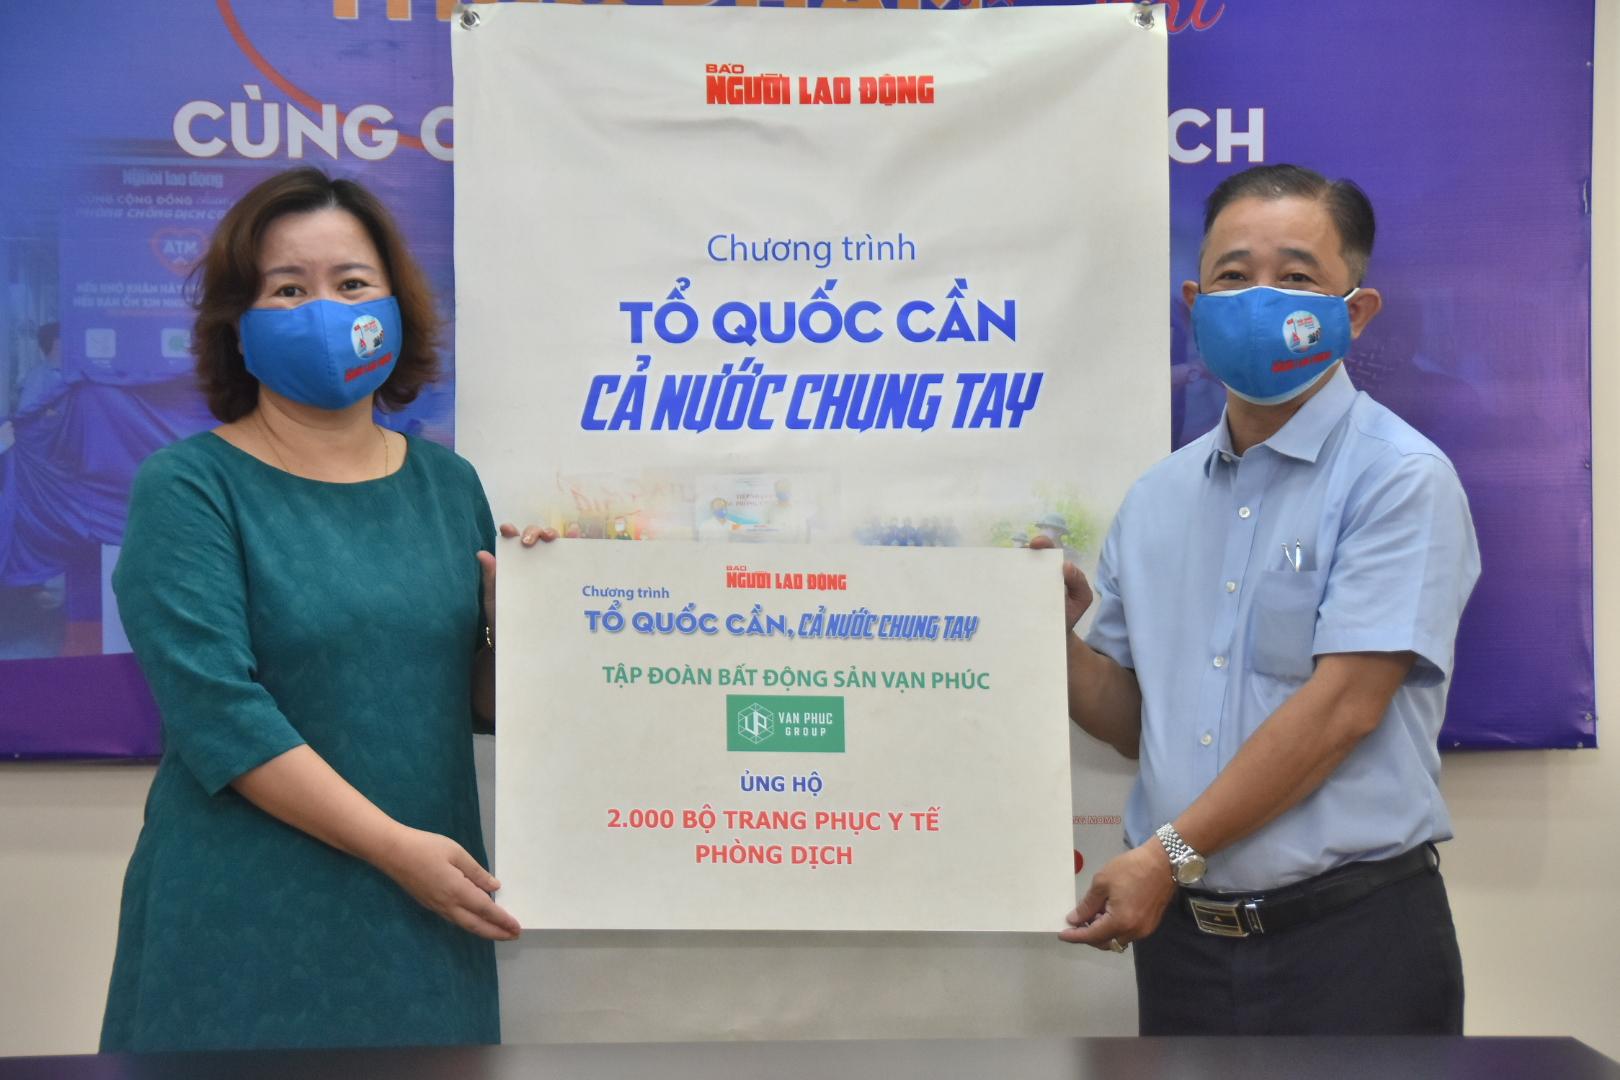 Van Phuc Group góp 100 tấn gạo, 2.000 quần áo bảo hộ cùng tuyến đầu chống dịch Covid-19 7